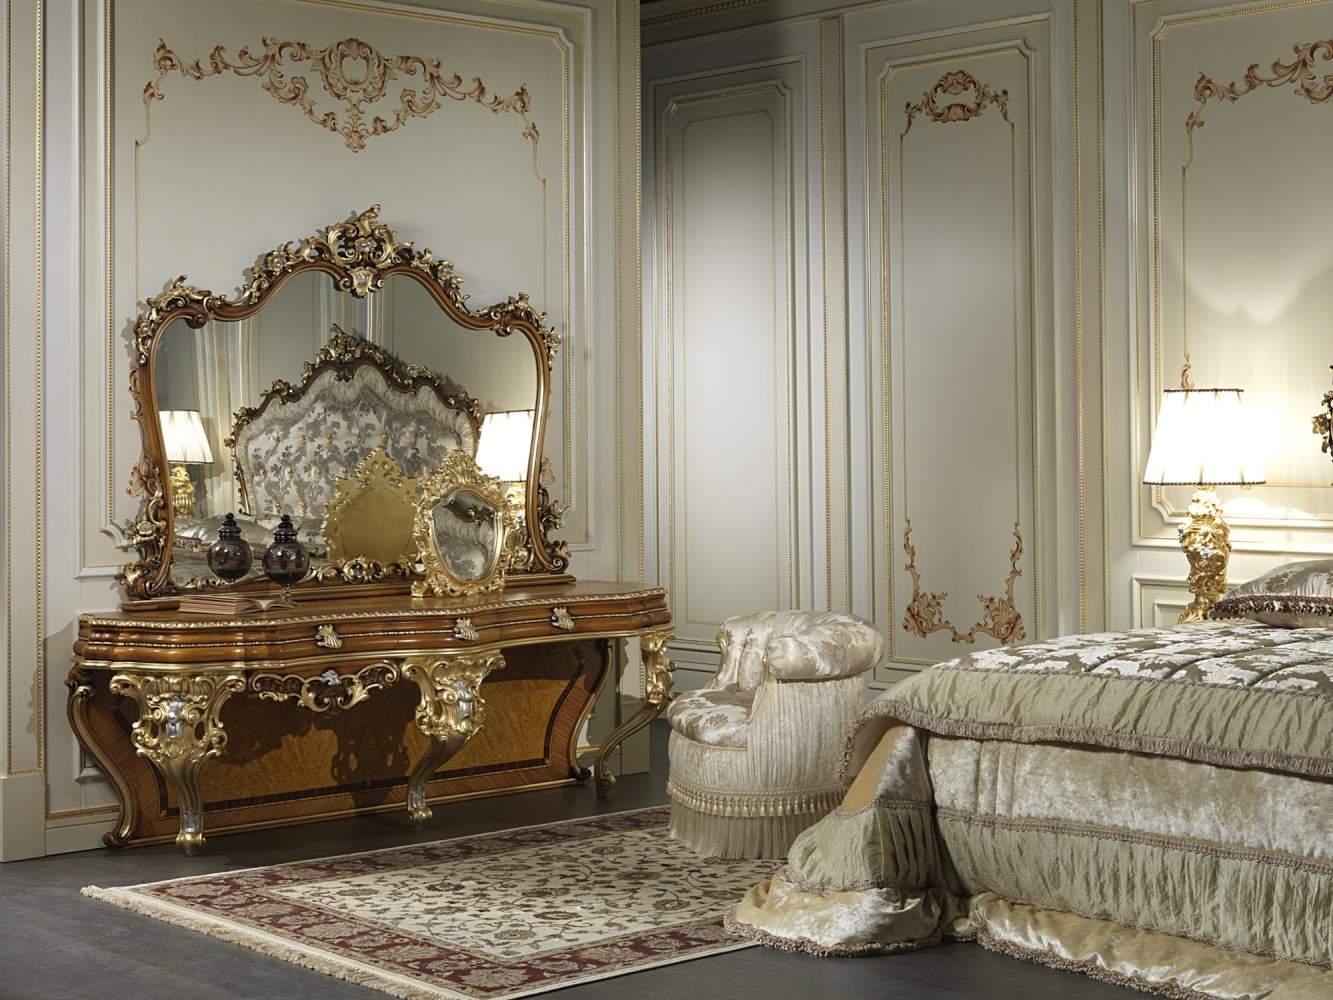 Specchio da camera classico barocco art. 2013